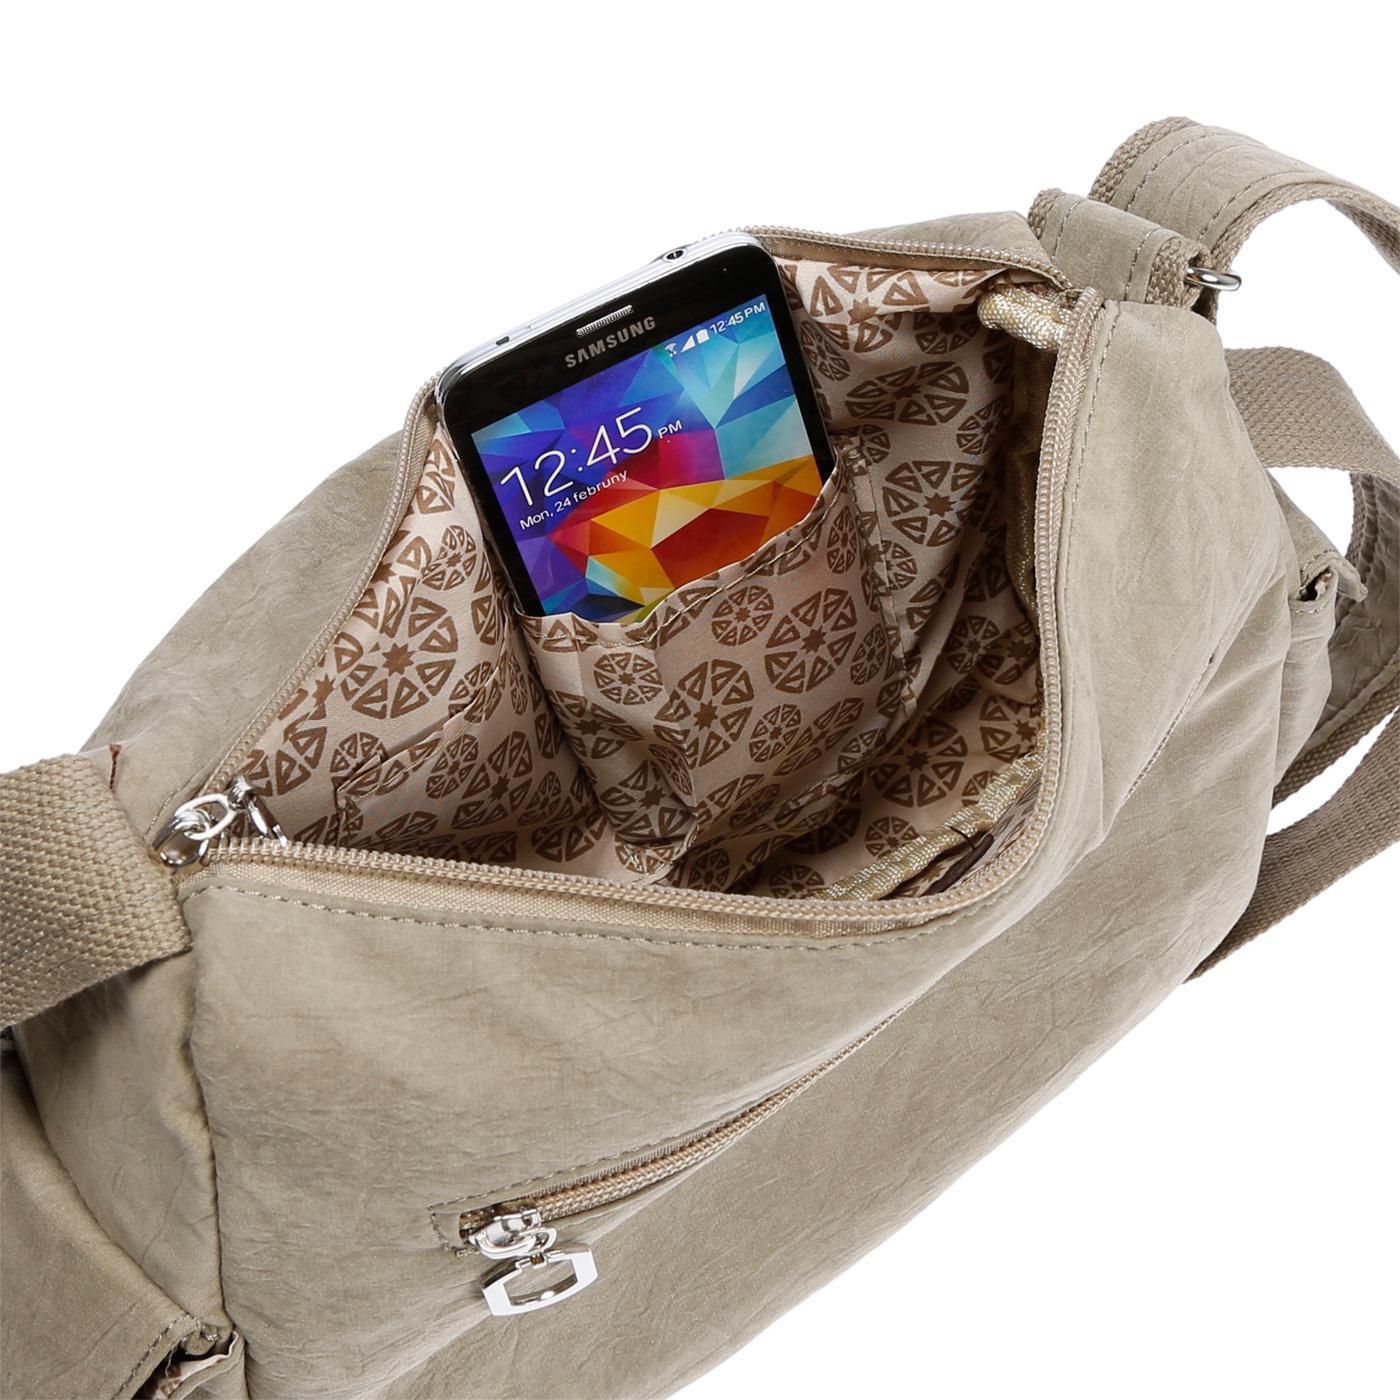 Damenhandtasche-Schultertasche-Tasche-Umhaengetasche-Canvas-Shopper-Crossover-Bag Indexbild 40